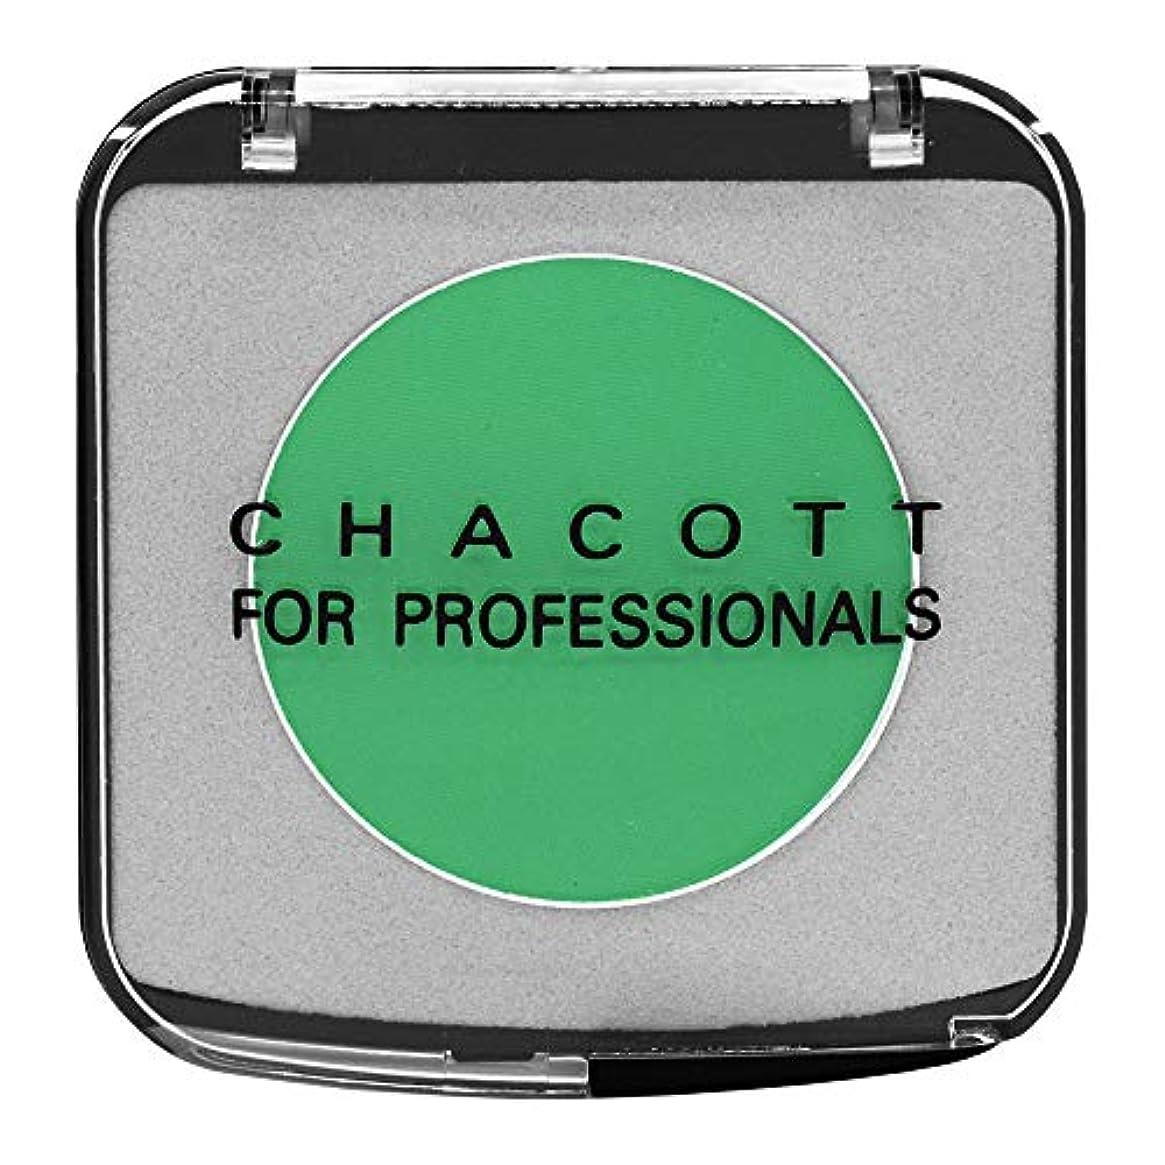 とげ真夜中世代CHACOTT<チャコット> カラーバリエーション 633.グラスグリーン